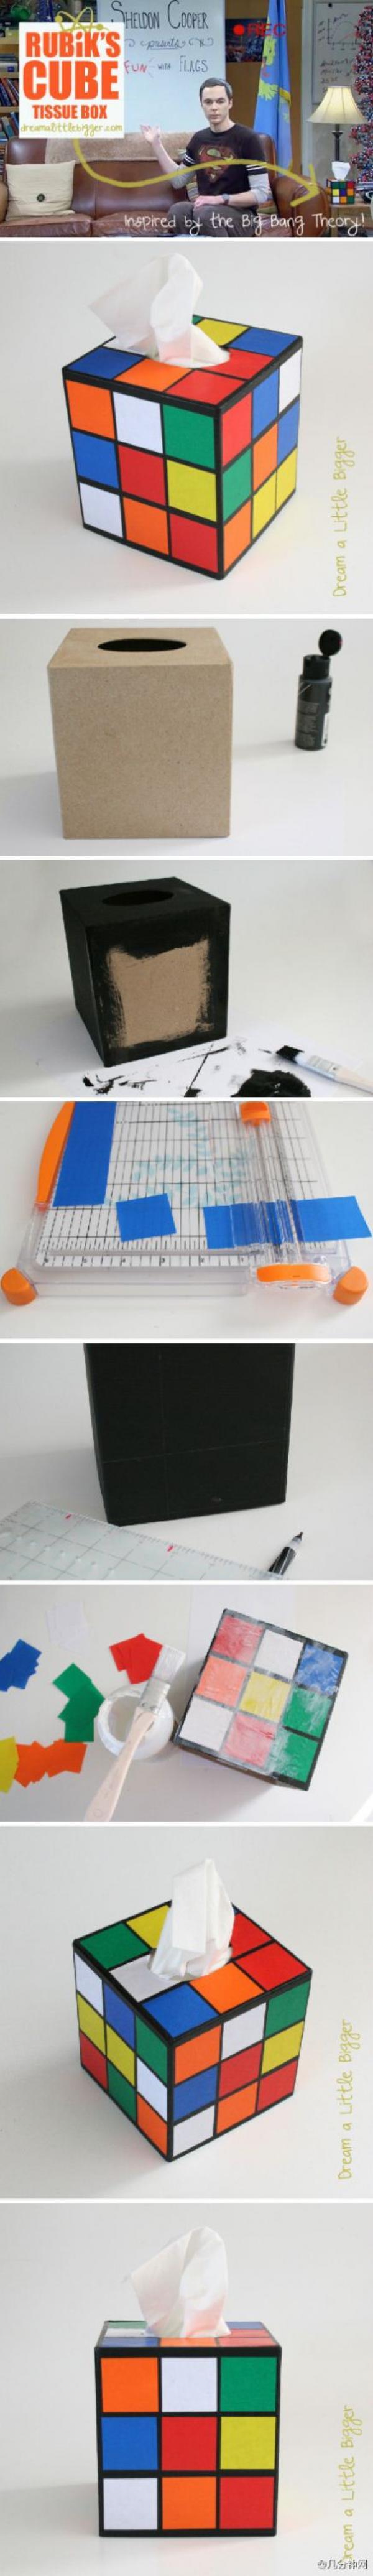 cr er une bo te mouchoir rubik 39 s cube a cartonne pinterest bricolage mouchoirs et. Black Bedroom Furniture Sets. Home Design Ideas